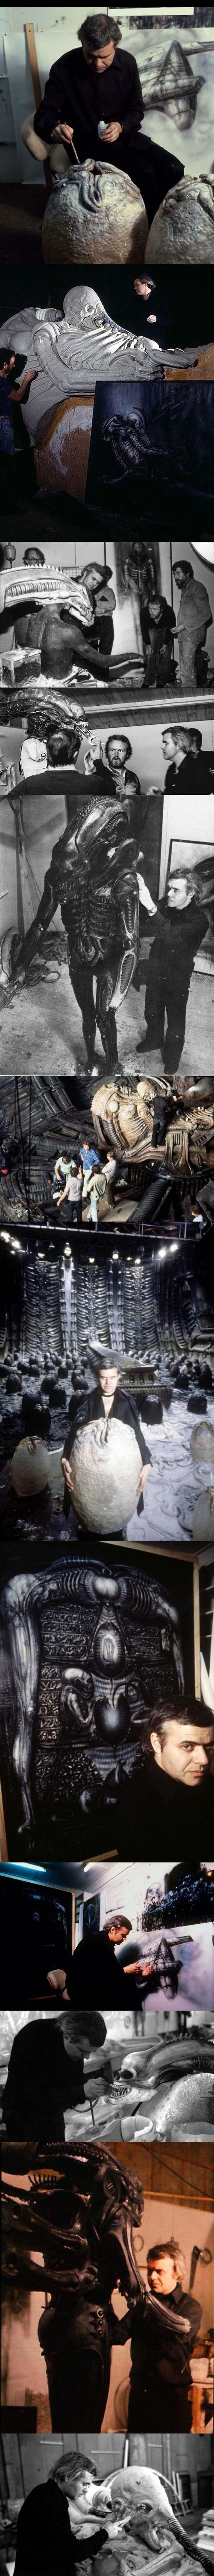 Increíbles fotos de Giger trabajando en persona en la producción de uno de los más míticos monstruos del cine moderno.